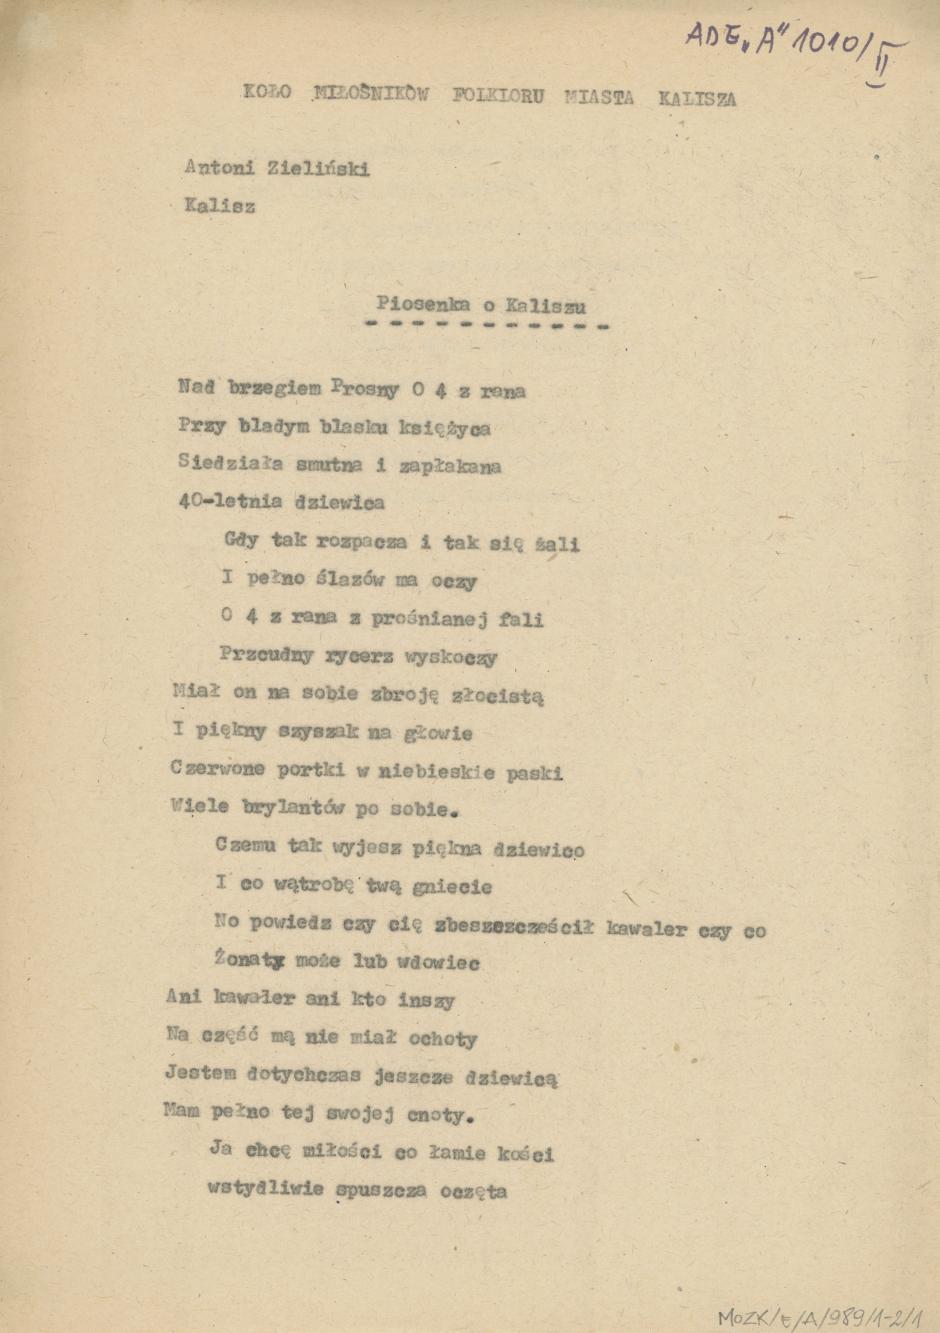 Piosenka o Kaliszu